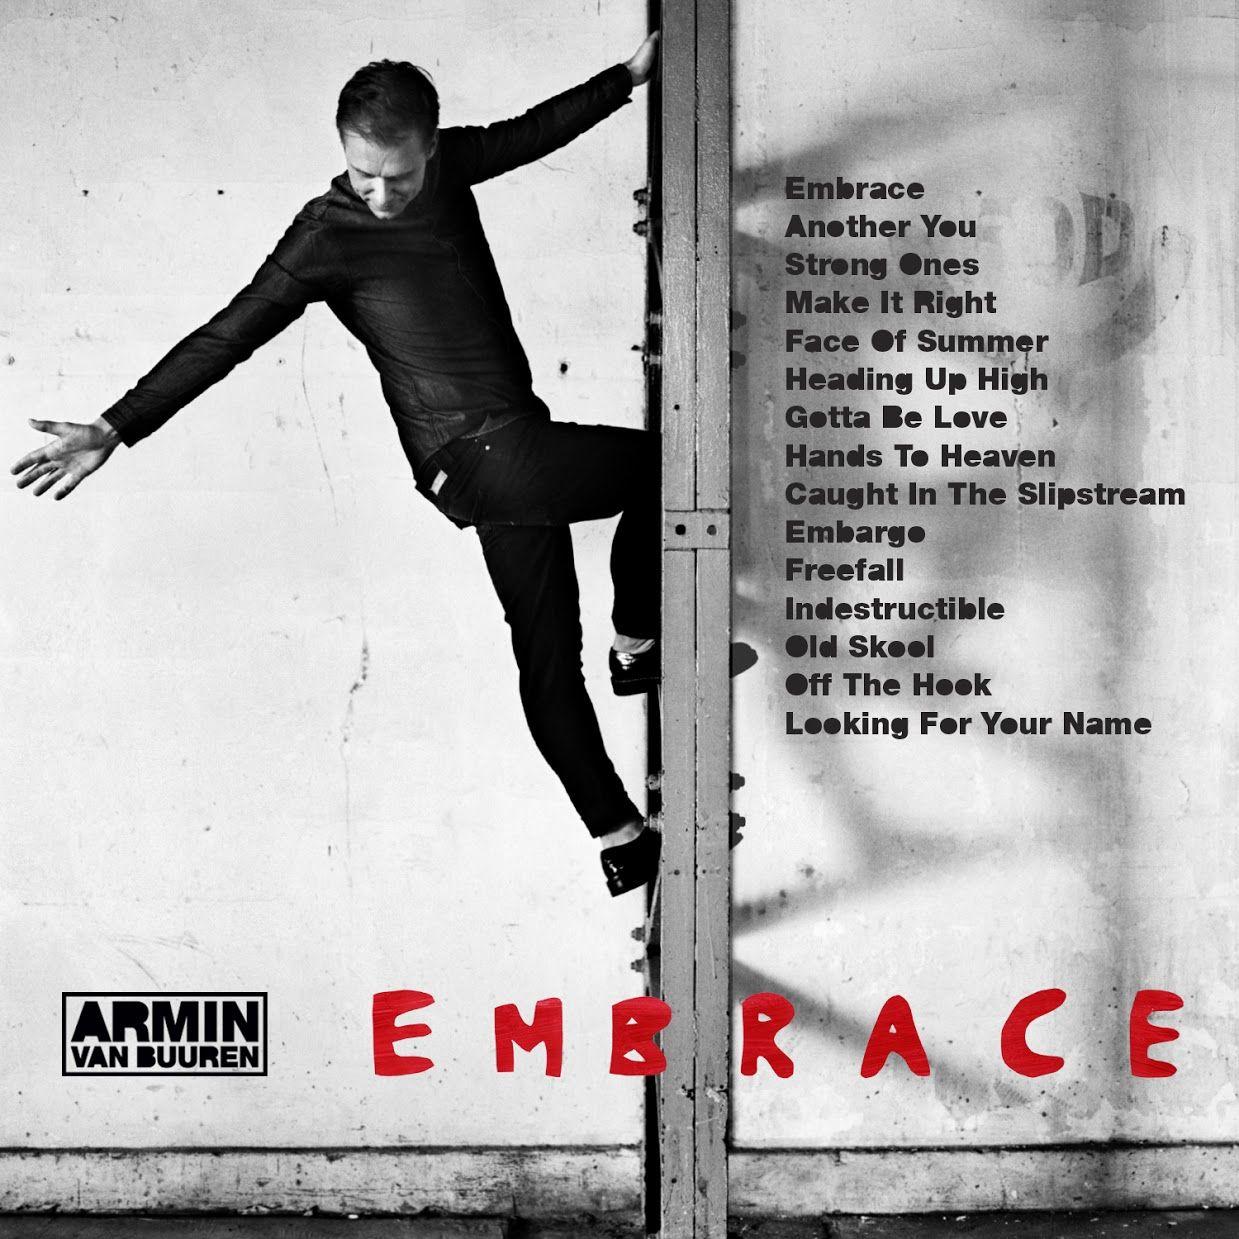 Armin van Buuren: Google+